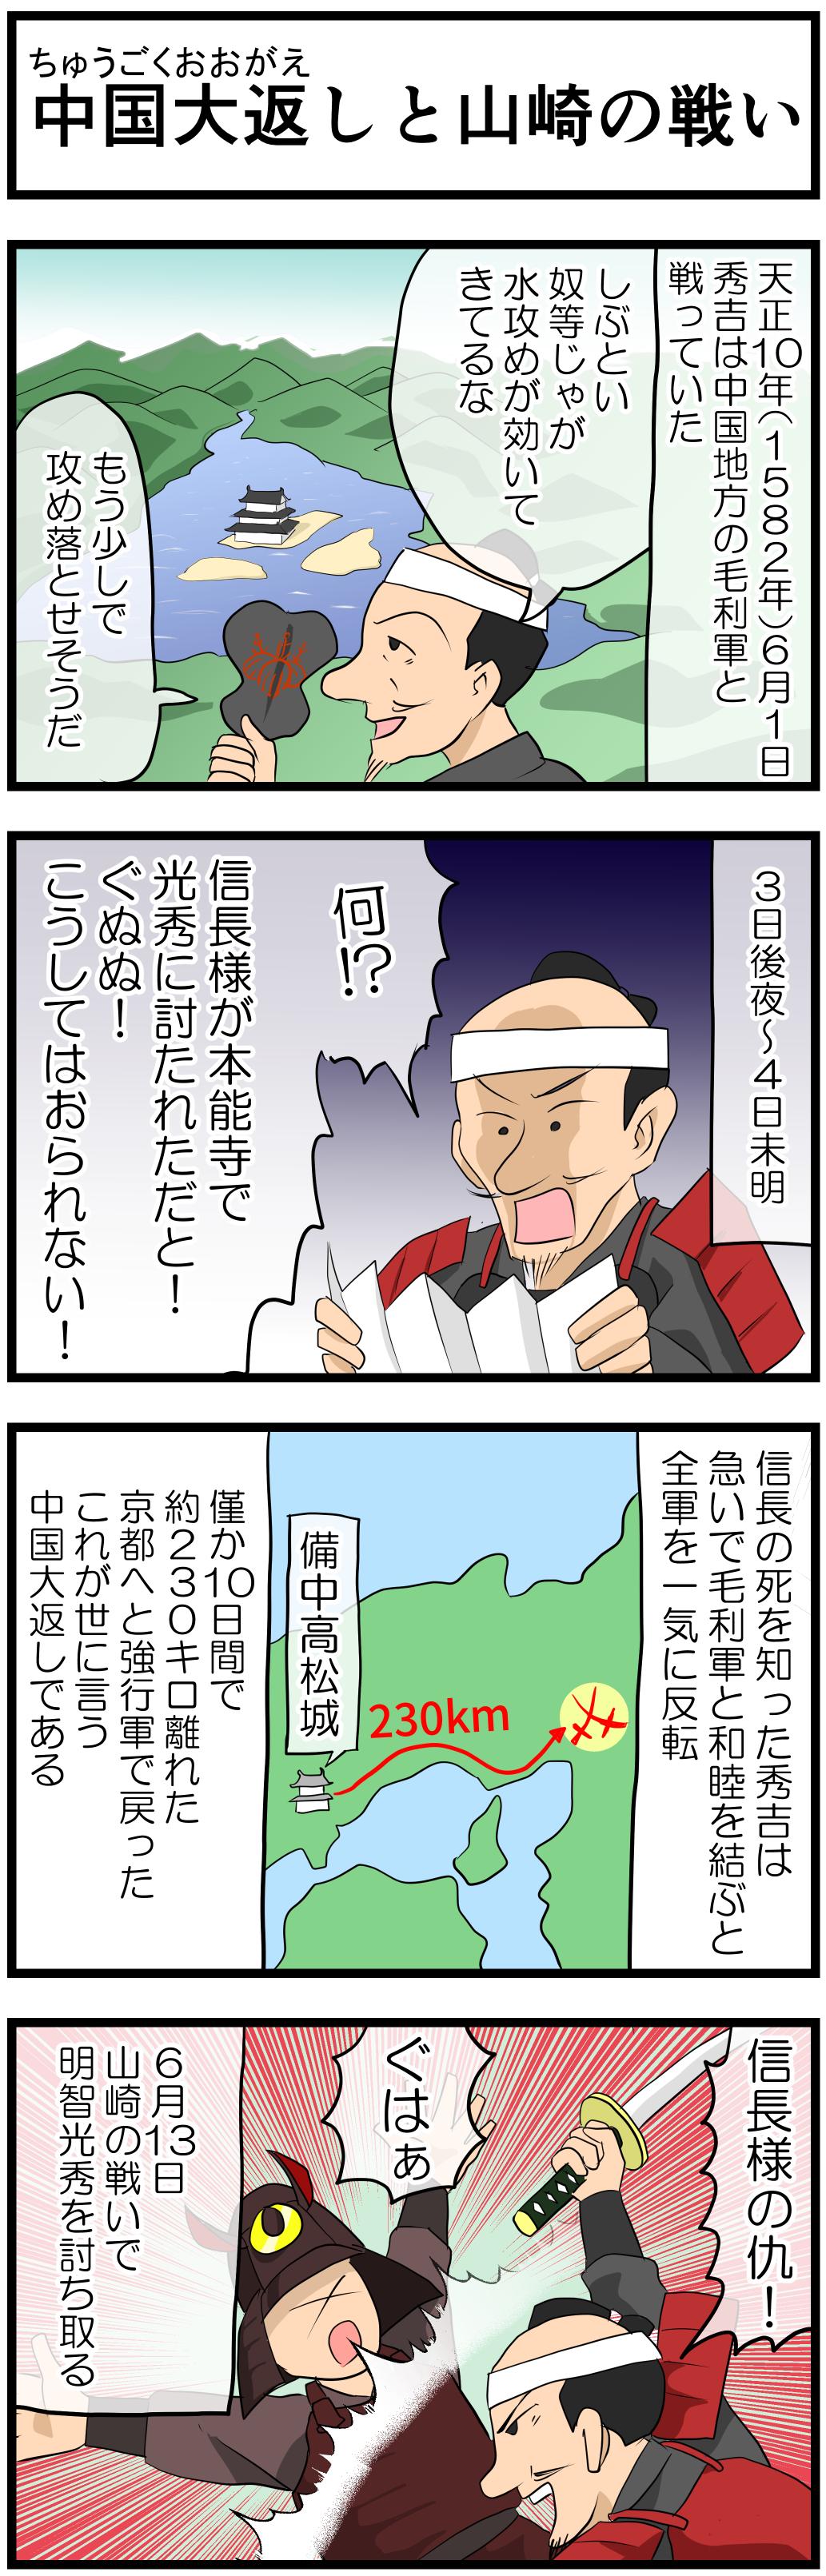 中国大返しと山崎の戦い